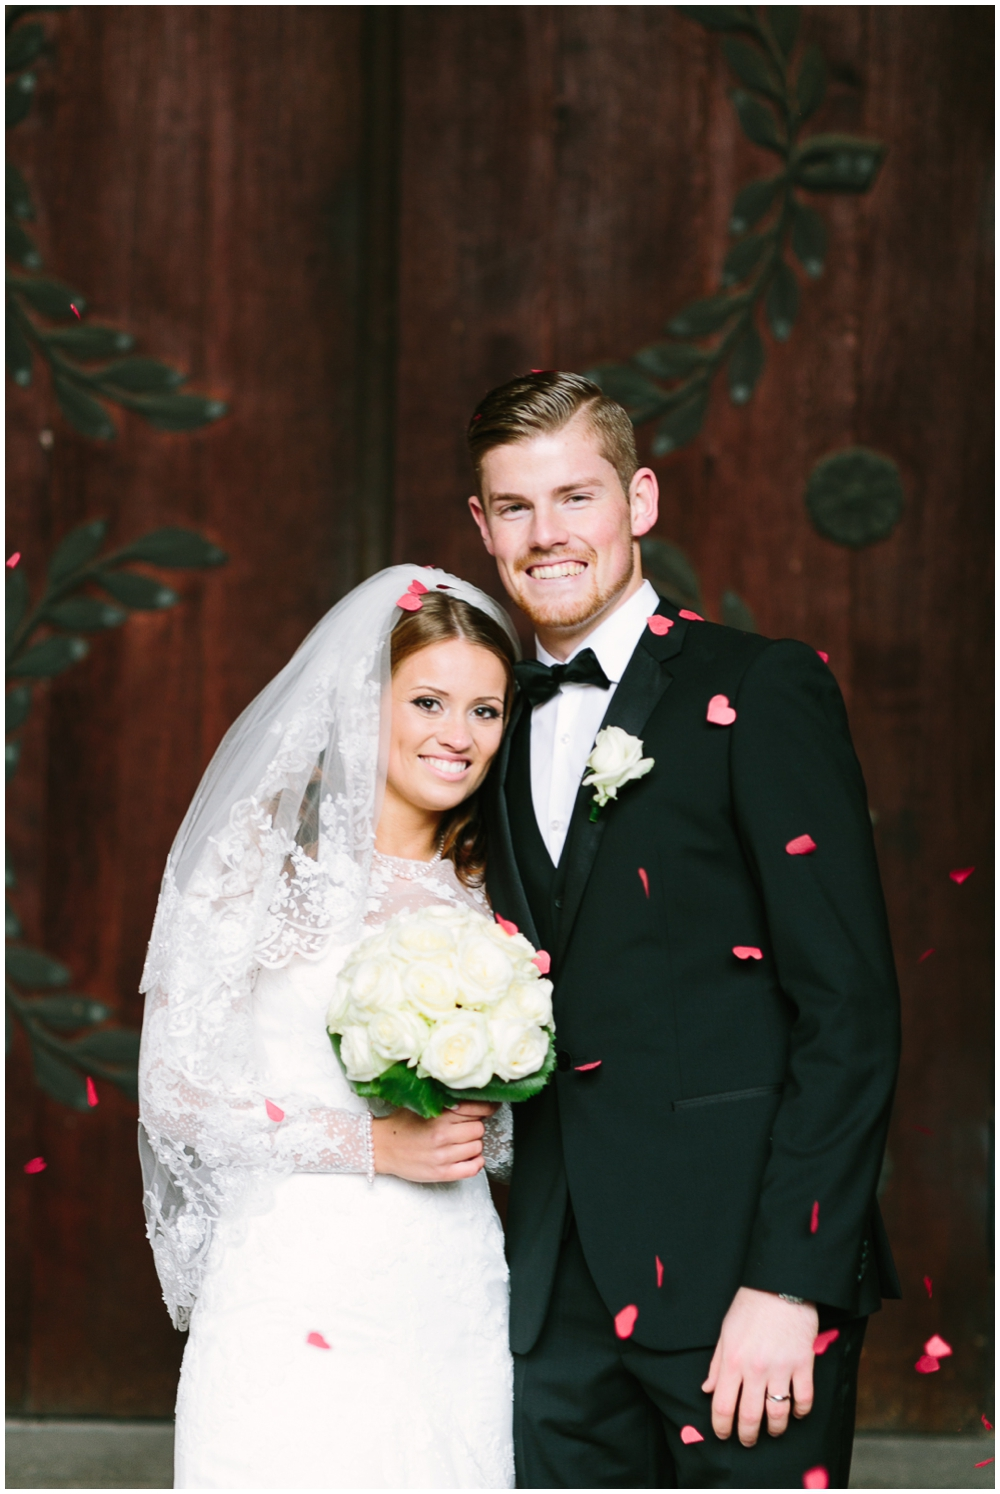 LE HAI LINH Photography-Hochzeitsfotograf-Hochzeit-von-1.FC Koeln-Torwart-Timo-Horn-und-seiner-Carina-in-Hyatt-und-Schokoladenmuseum-Koeln_0023a.jpg